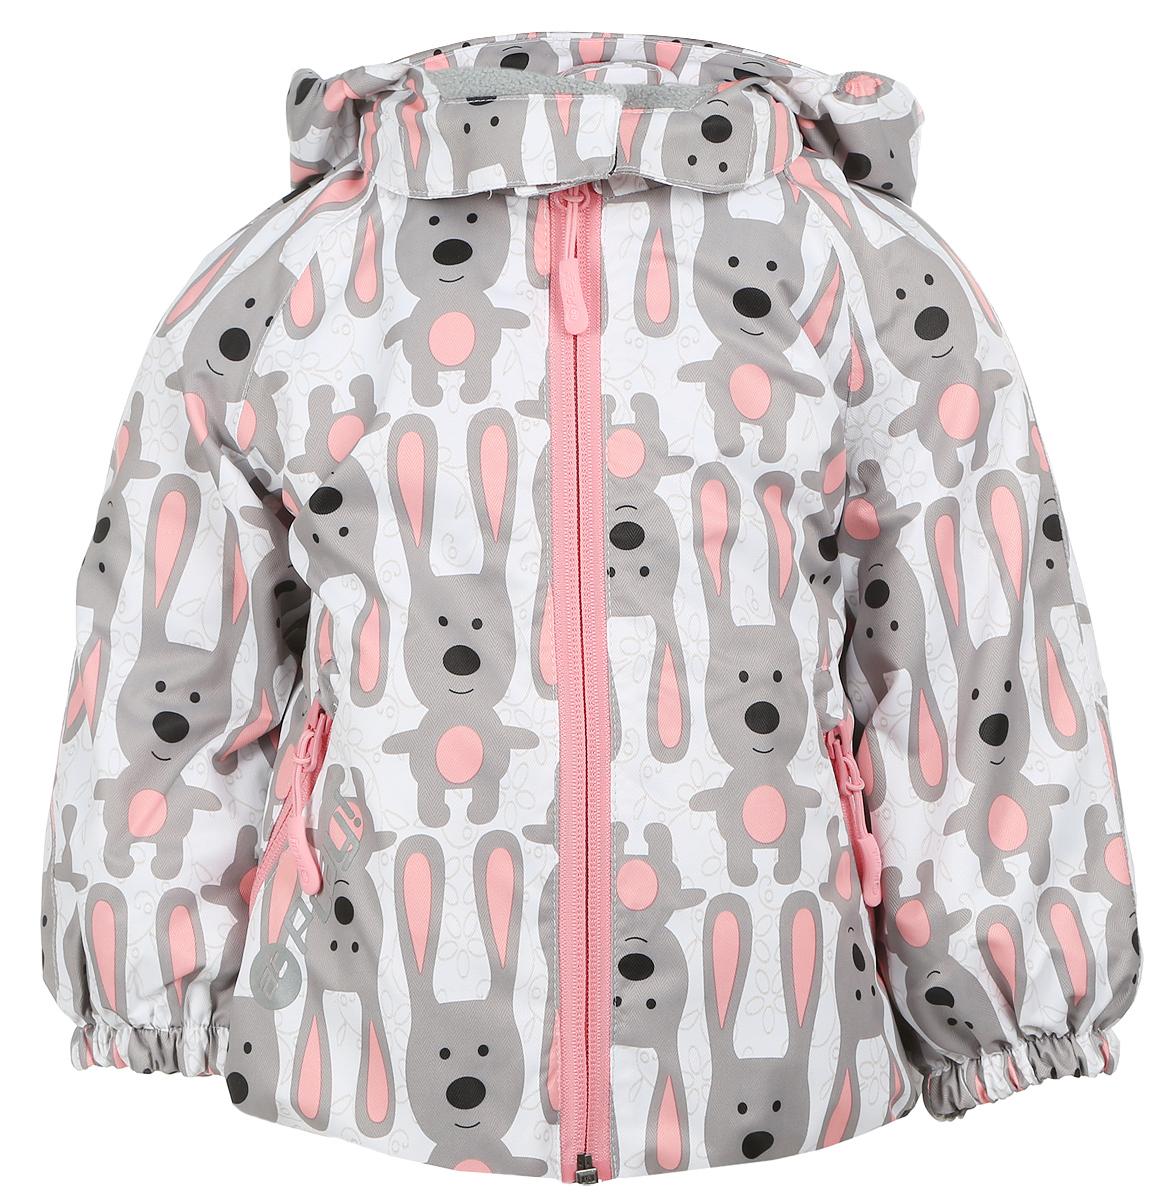 Куртка для девочки atPlay!, цвет: молочный, светло-серый. 1jk703. Размер 80, 1 год1jk703Удобная и комфортная куртка для девочки atPlay! выполнена из качественного полиэстера, с покрытием Teflon от DuPont, которое облегчает уход за этой одеждой. Дышащая способность: 5000г/м и водонепроницаемость куртки: 5000мм.Куртка 2 в 1 с отстегивающейся флисовой поддевкой-кофточкой из материала Polar fleese, которая служит как утеплитель, а также ее можно носить отдельно. Такая кофточка отличное решение для весеннего периода, к тому же она изготовлена с антипиллинговой обработкой ворса для сохранения качественных характеристик на более длительный срок. Куртка с воротником-стойкой и отстегивающимся капюшоном застегивается на молнию с защитой подбородка. Капюшон имеет спереди защитный клапан на липучках. Манжеты рукавов, капюшон и низ изделия дополнены эластичными резинками. Спереди модель оформлена двумя прорезными карманами на застежках-молниях, с внутренней стороны на поддевке-кофточке расположены два накладных кармана.Куртка оснащена светоотражающей надписью и оформлена интересным принтом с изображением зайчиков.